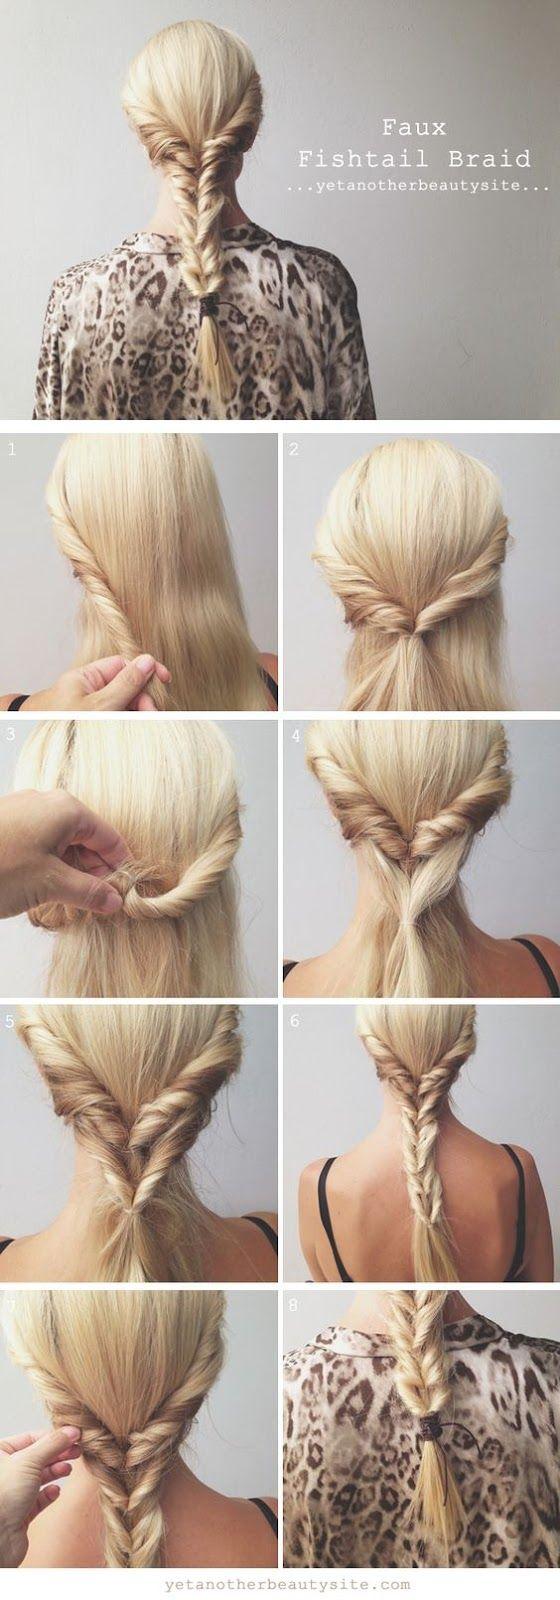 Ideia de penteado fácil e rapidinho: falsa trança escama de peixe